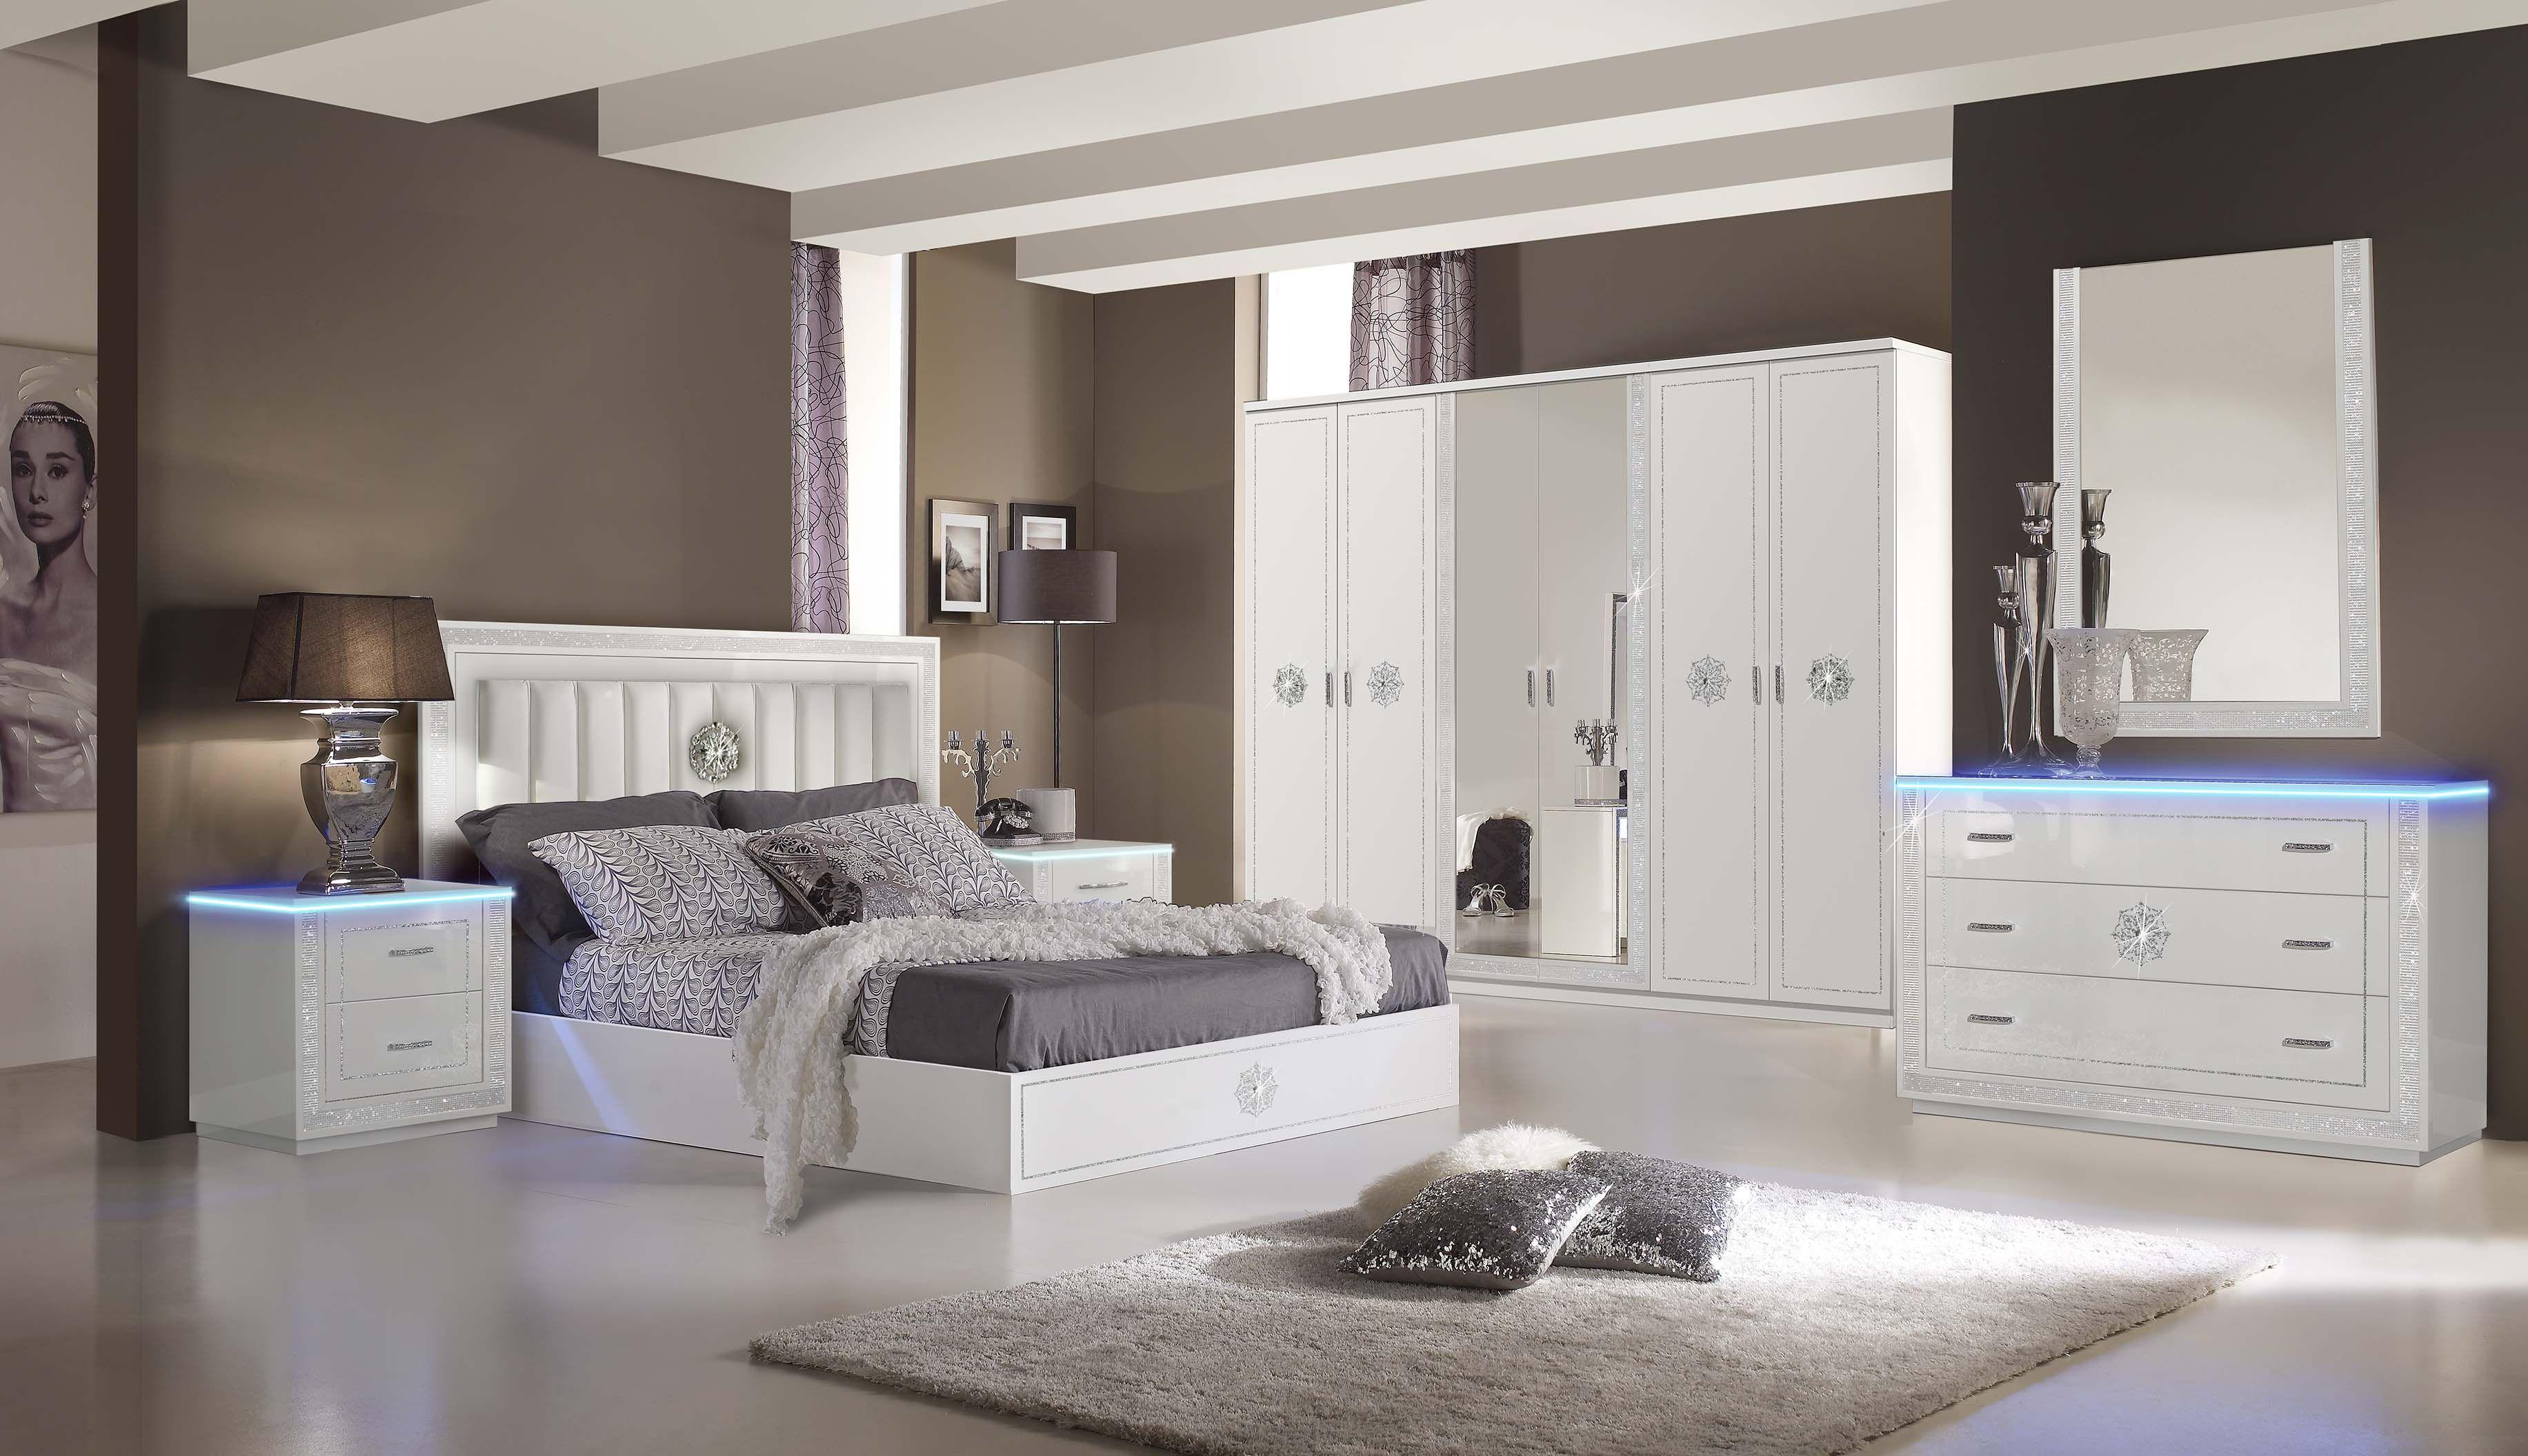 schlafzimmer modern #schlafzimmer #wohnzimmerideen